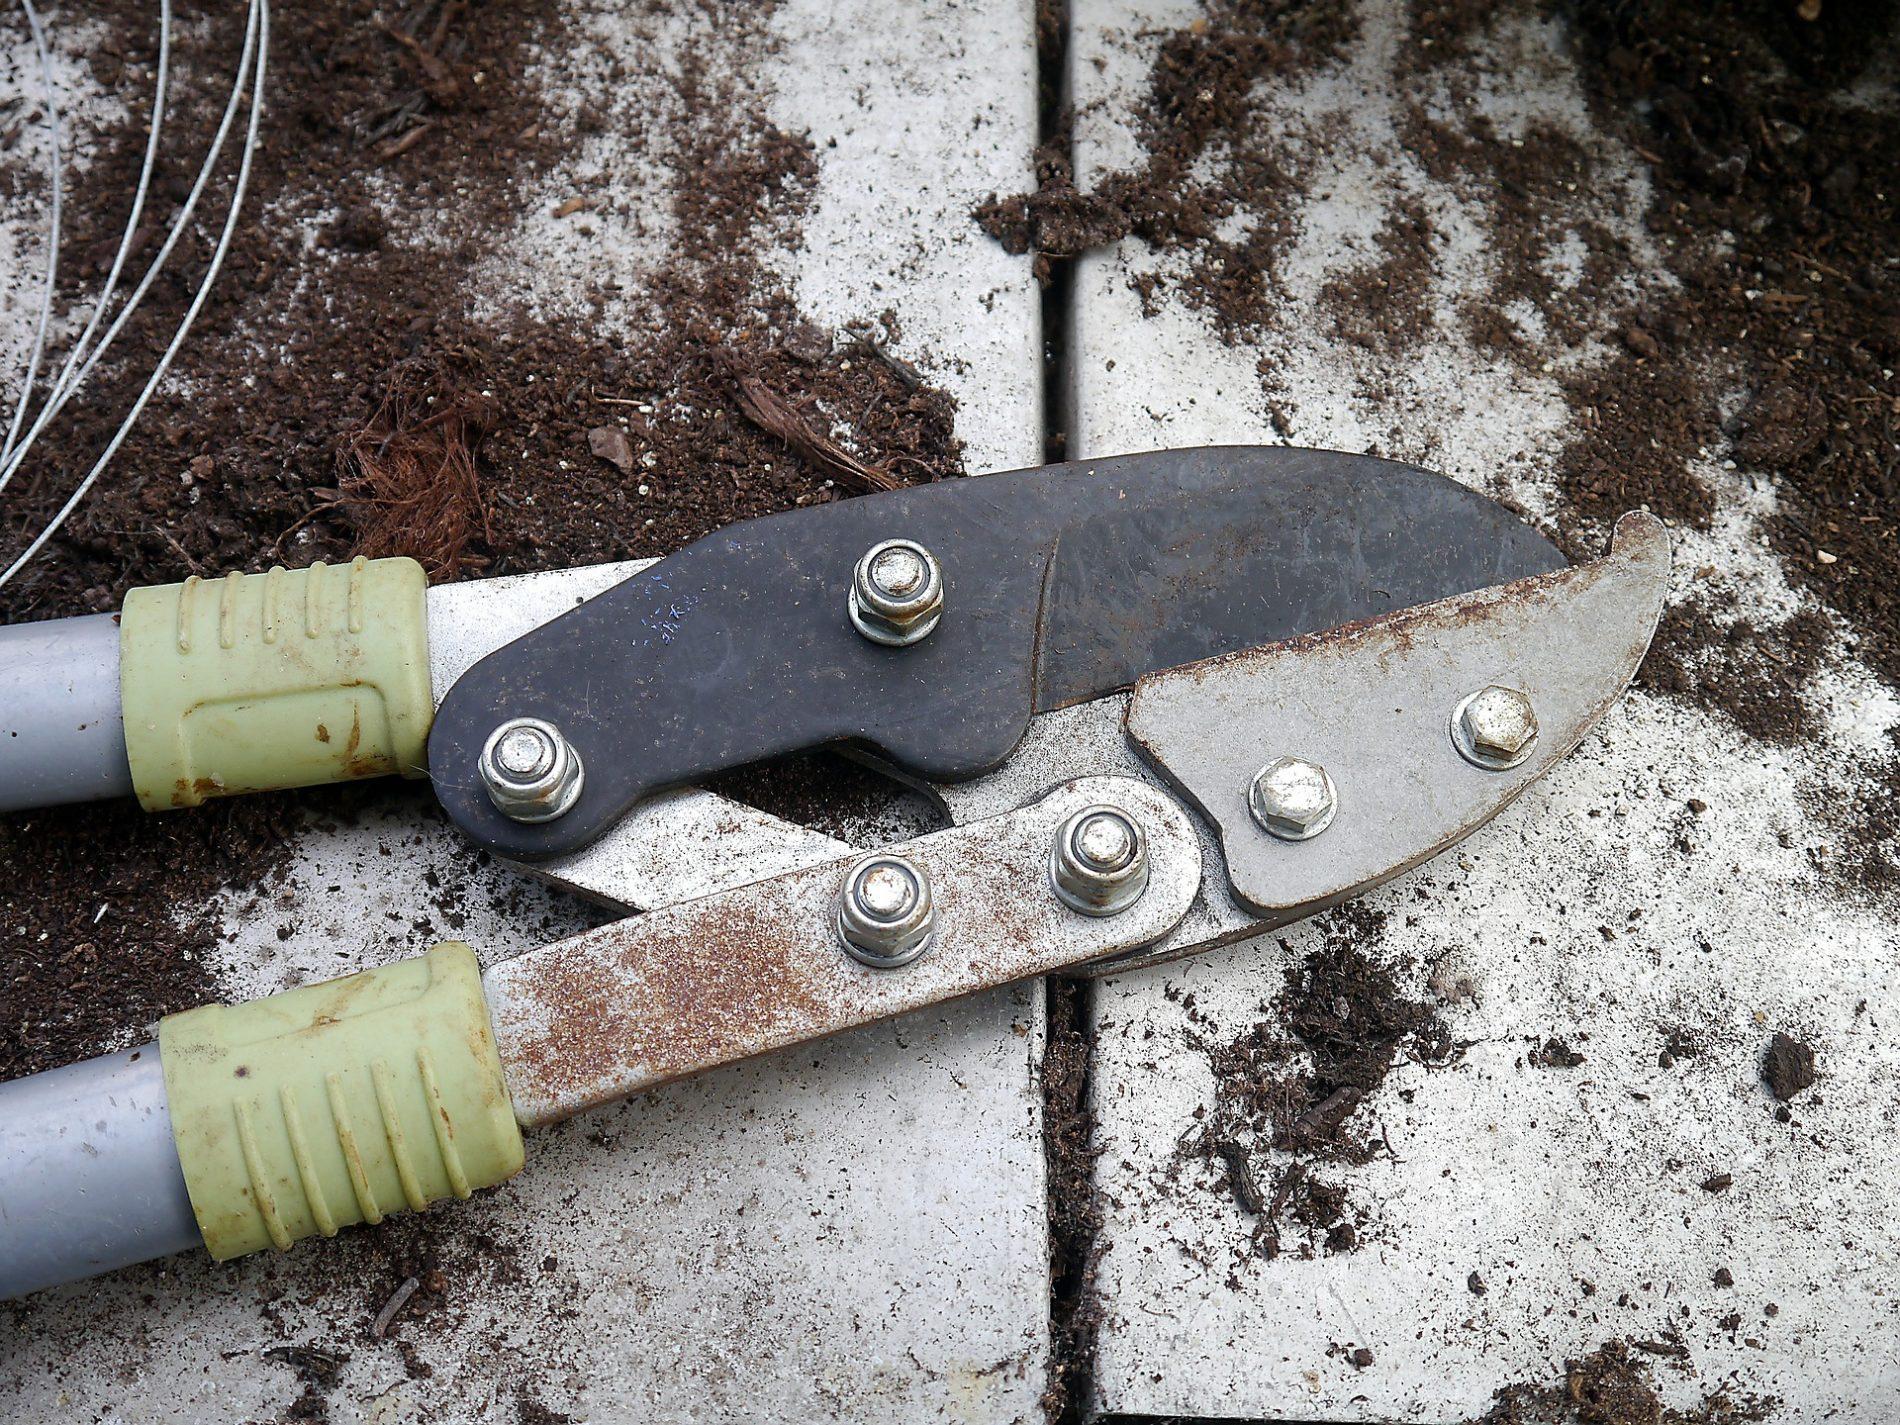 """A pair of green hand pruners in Spoken Garden's """"7 Best Winter pruning tools"""""""